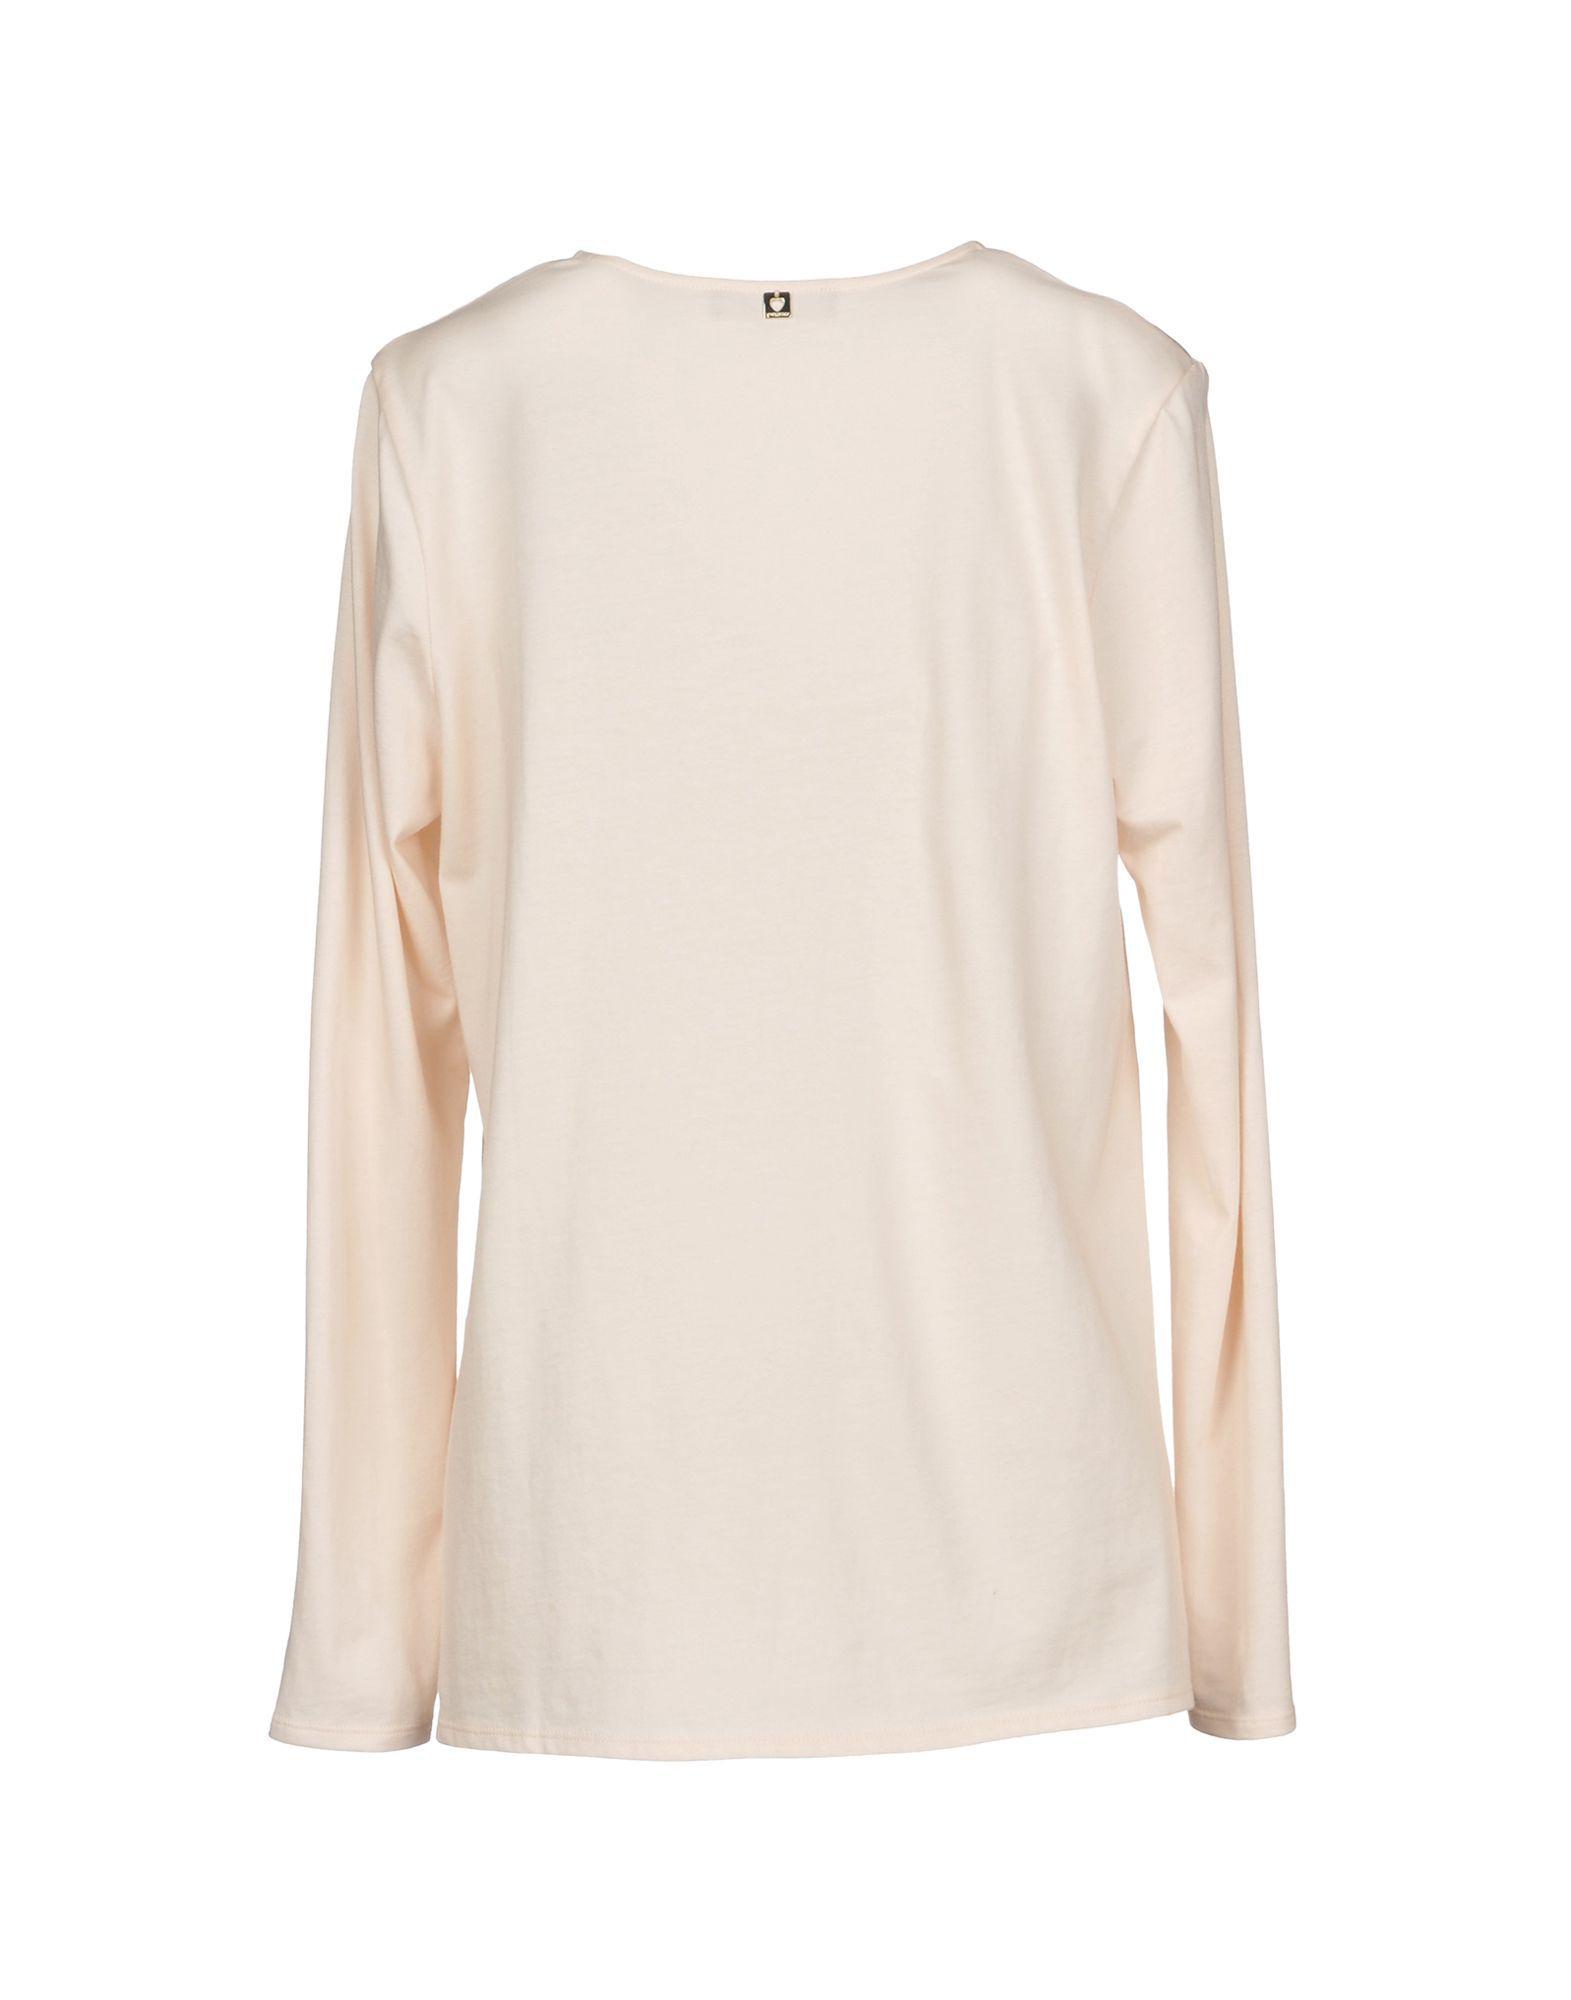 SHIRTS Twinset Light pink Woman Silk